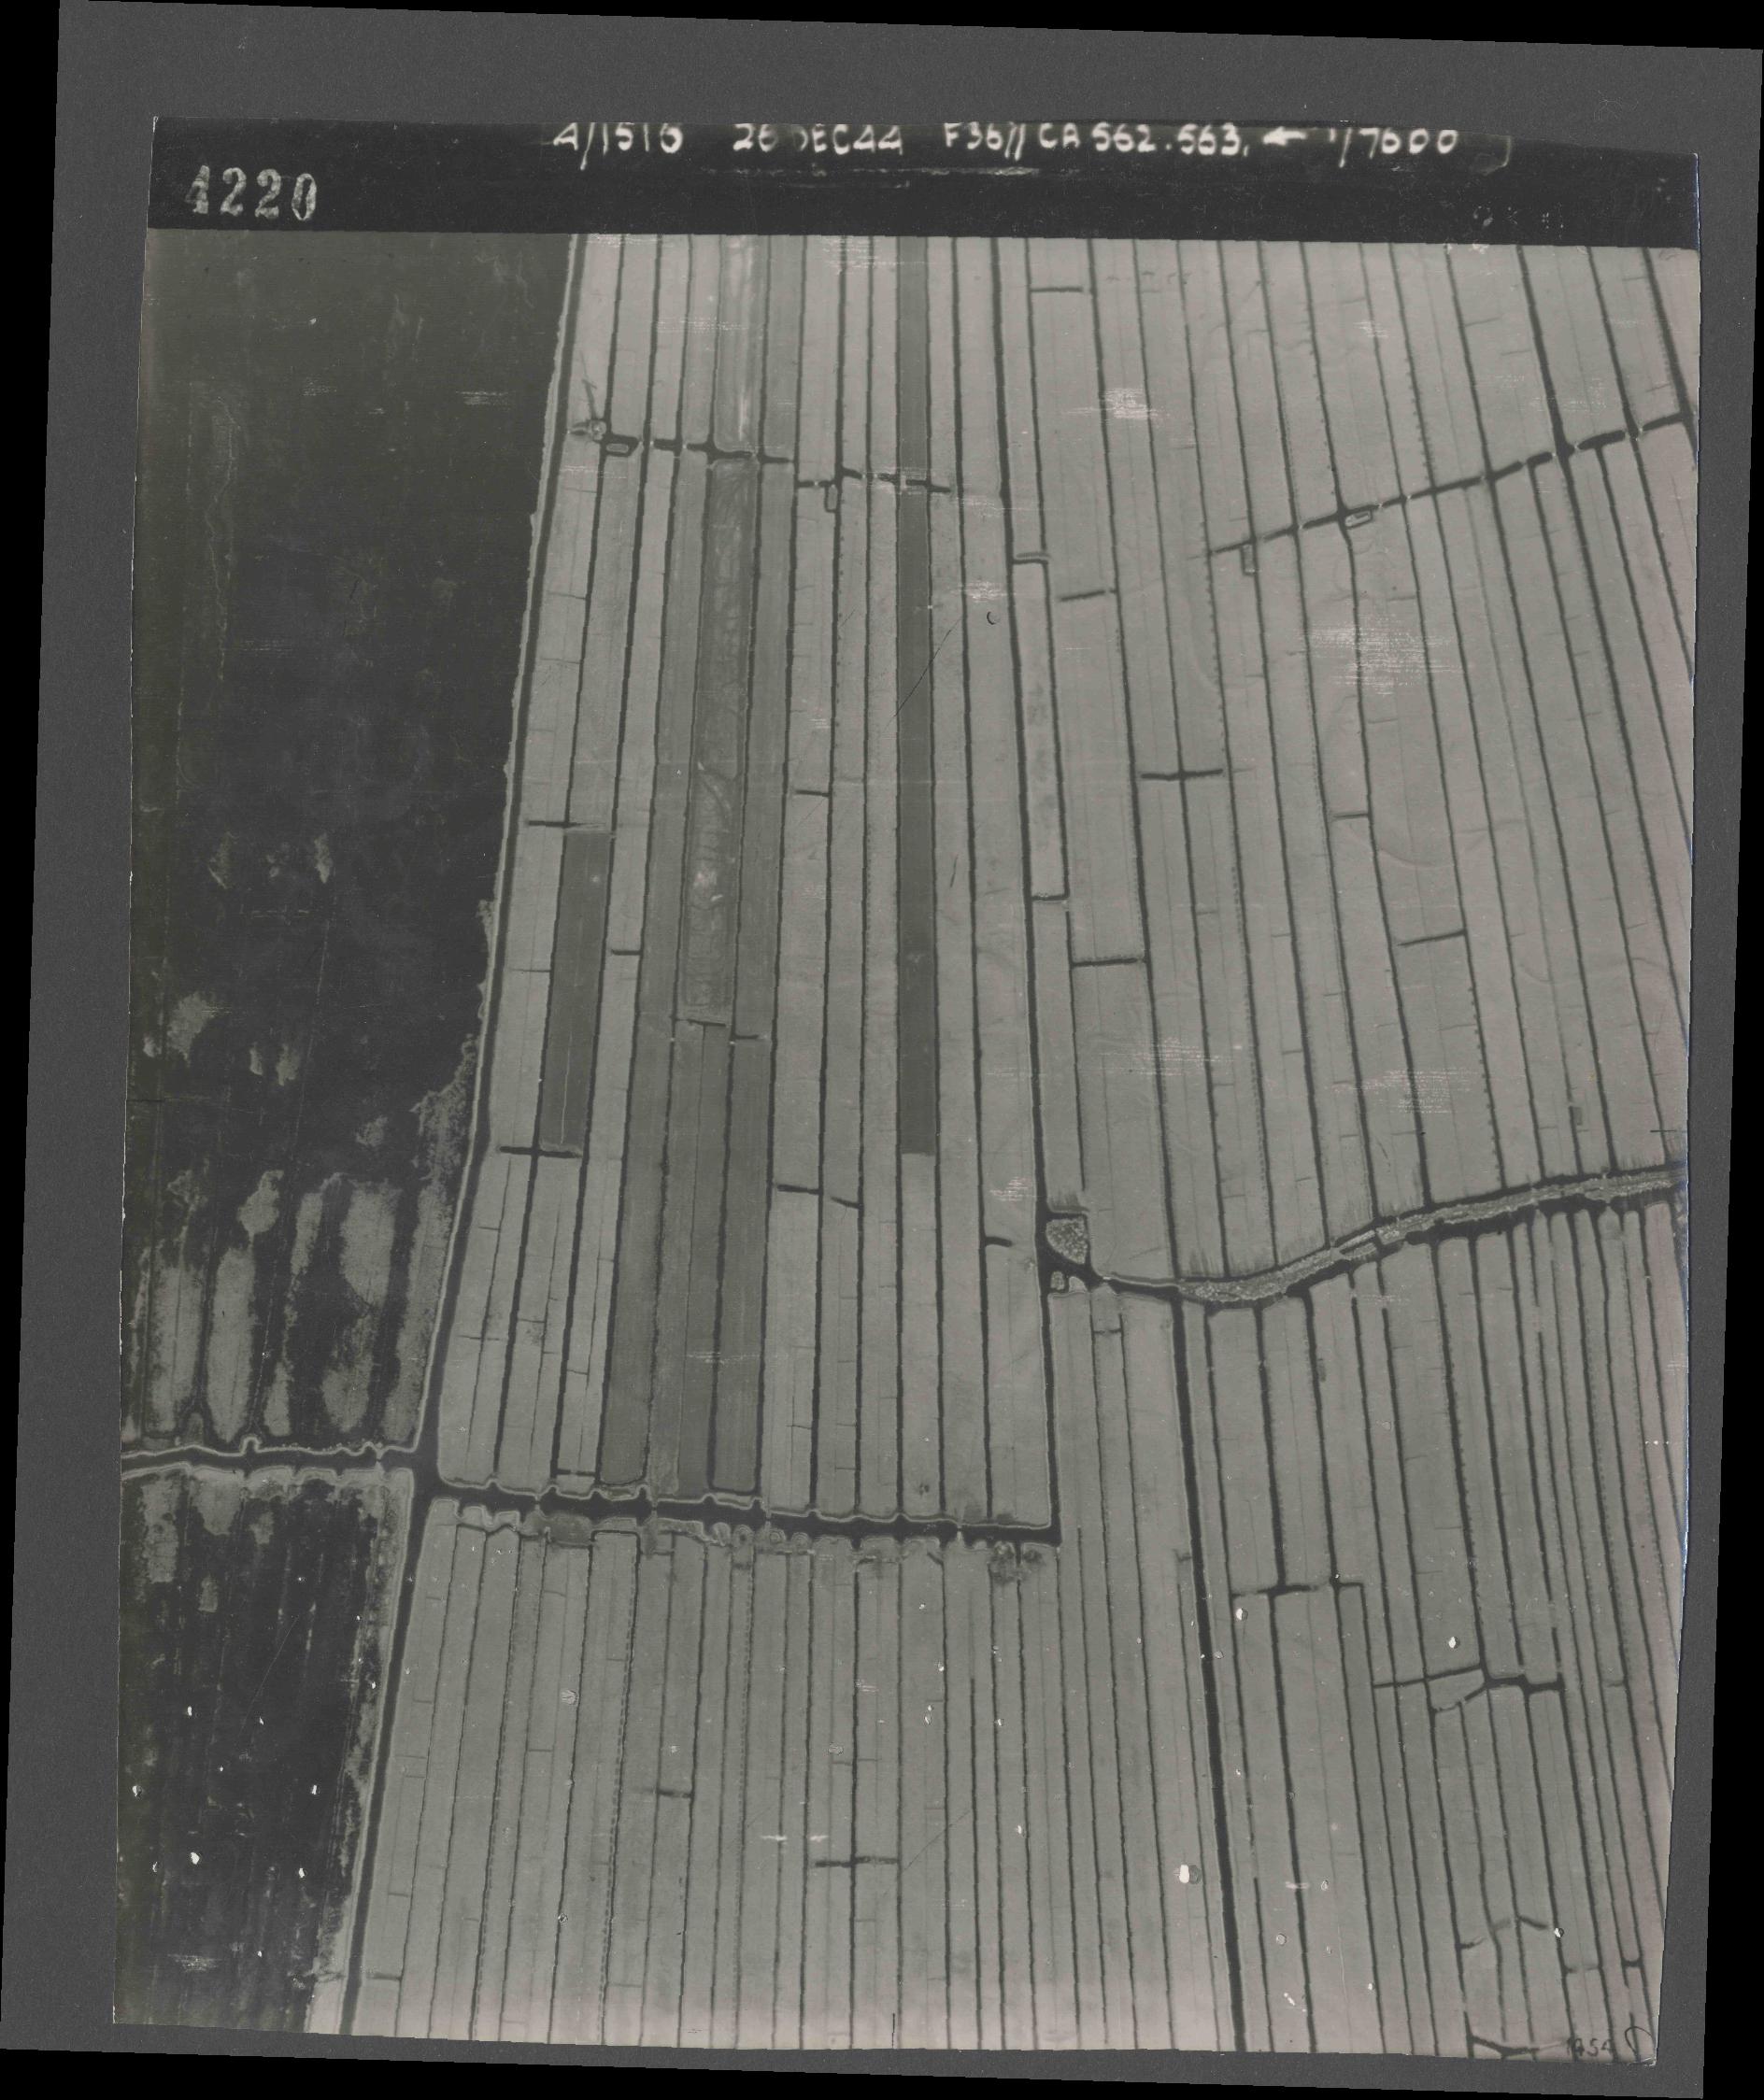 Collection RAF aerial photos 1940-1945 - flight 152, run 07, photo 4220